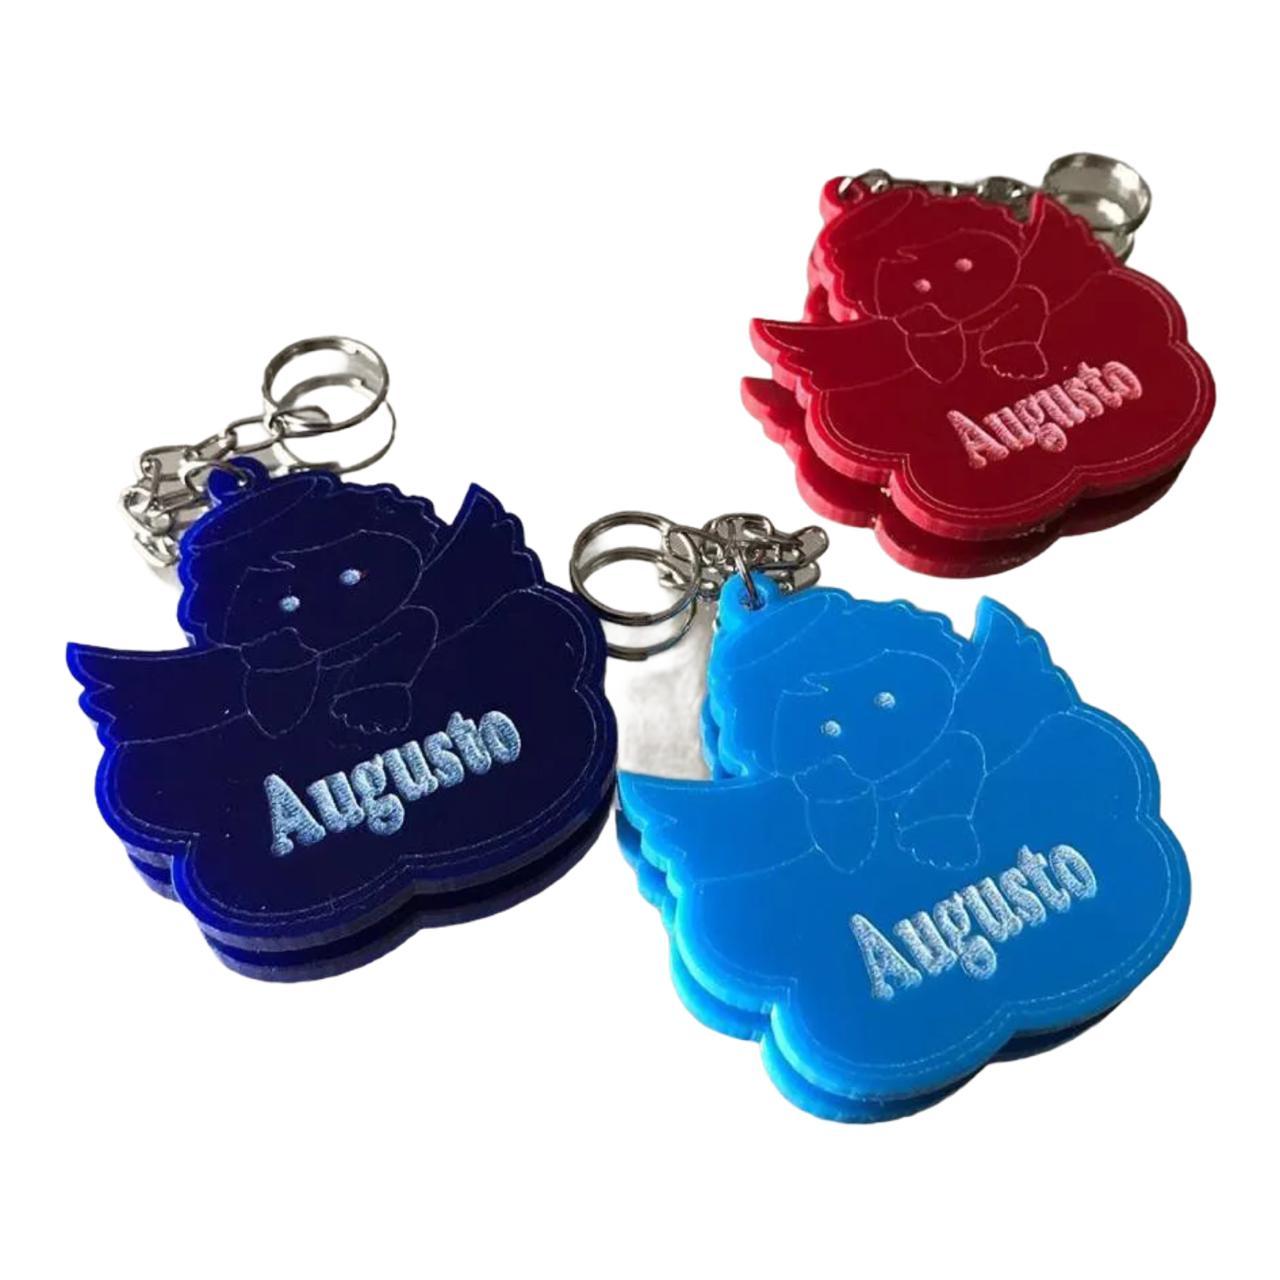 REF. 031 - Chaveiro Anjo Anjinho novo Acrílico Gravado Nome Personalizado Cores